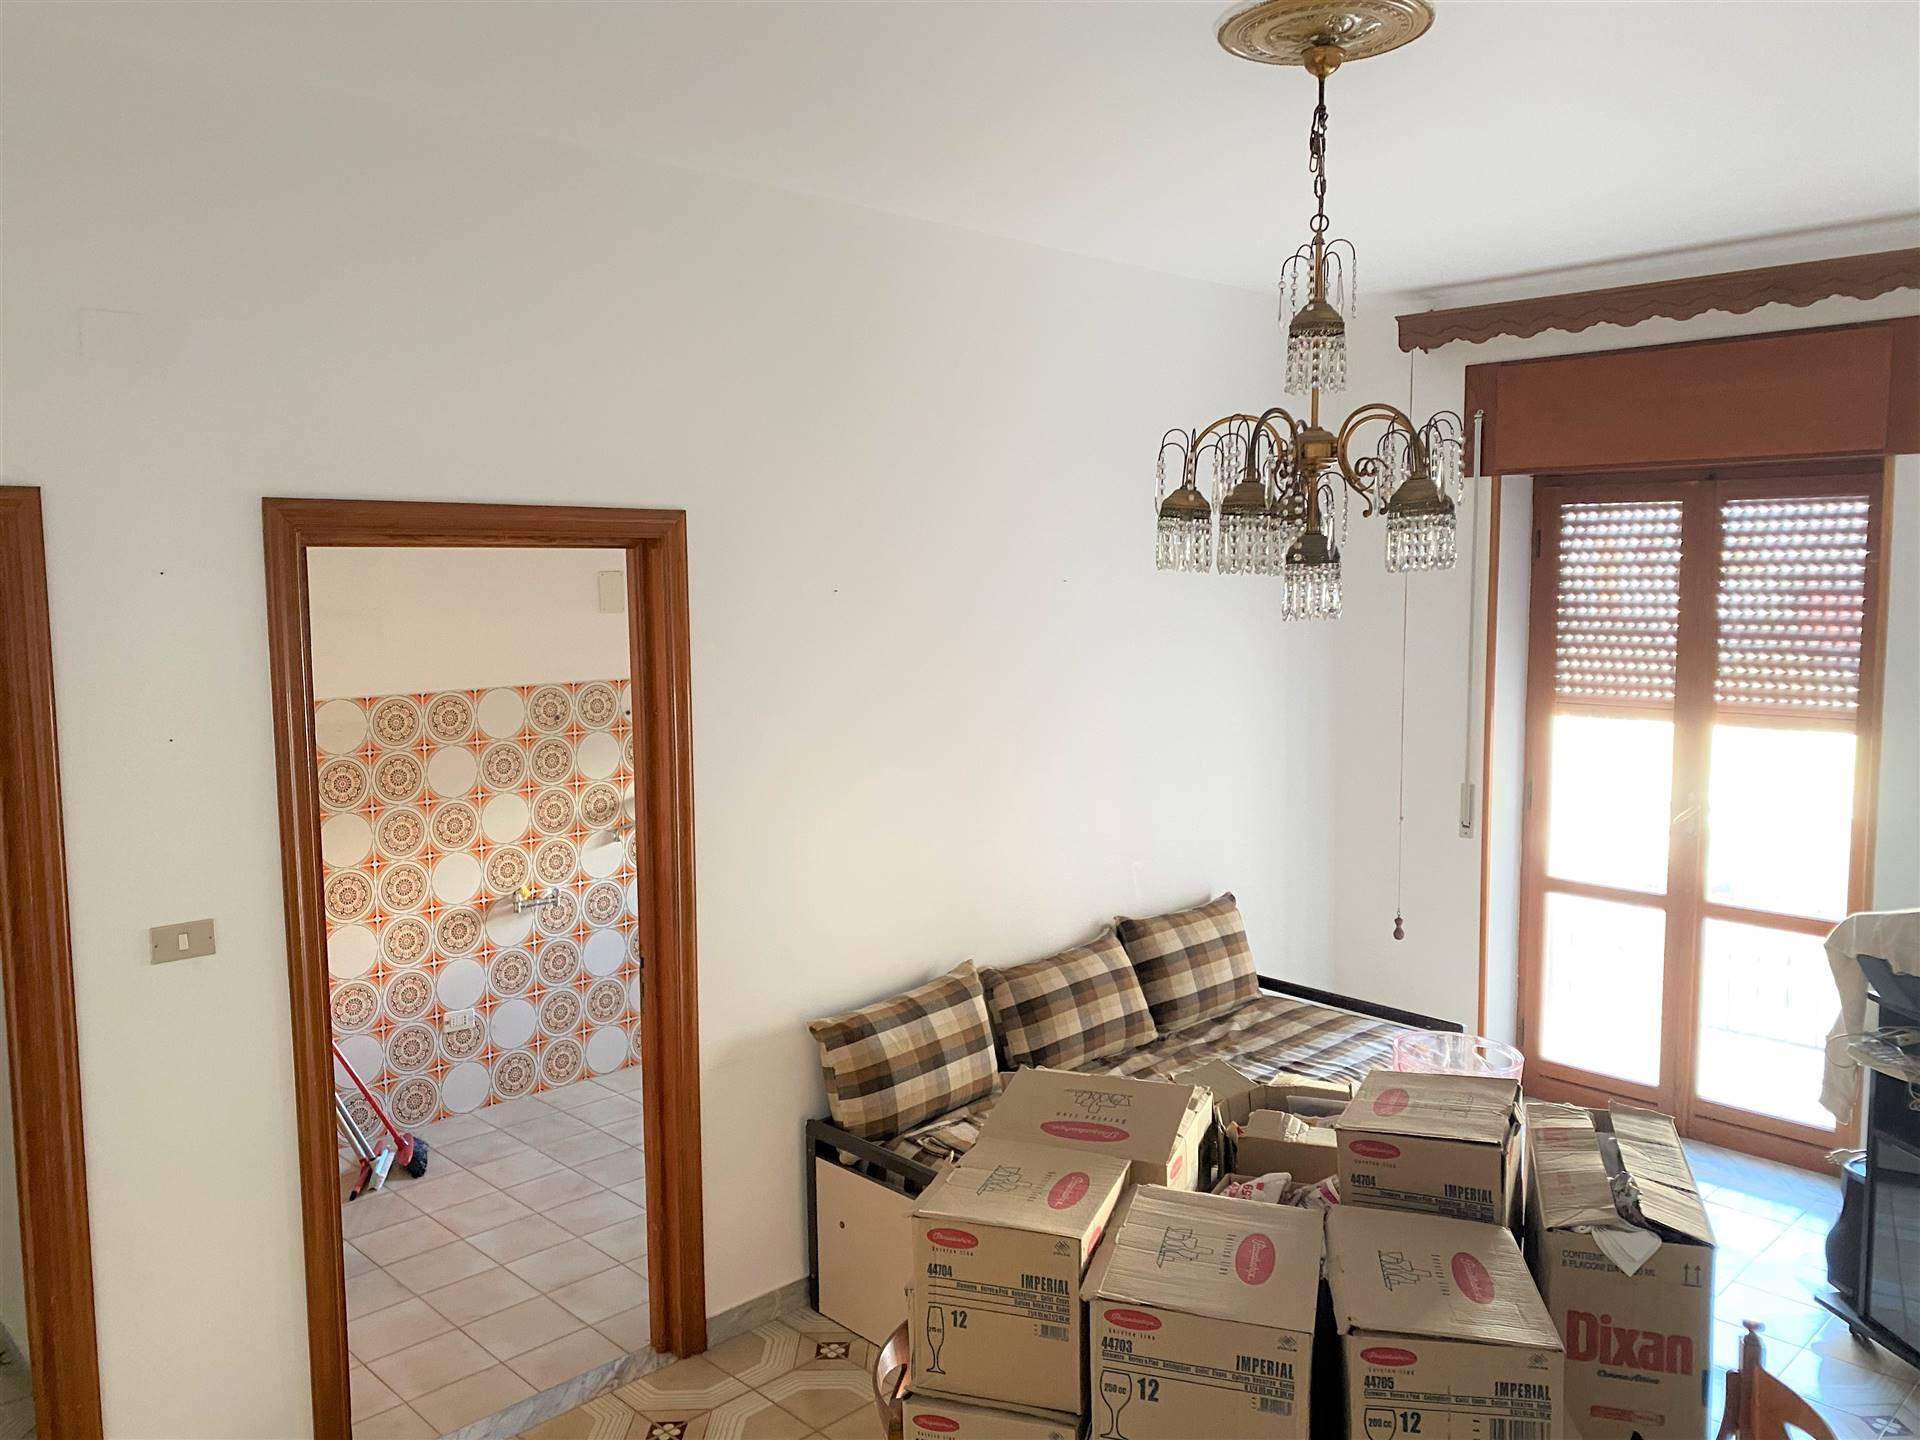 Appartamento in vendita a Ceglie Messapica, 3 locali, prezzo € 65.000 | CambioCasa.it